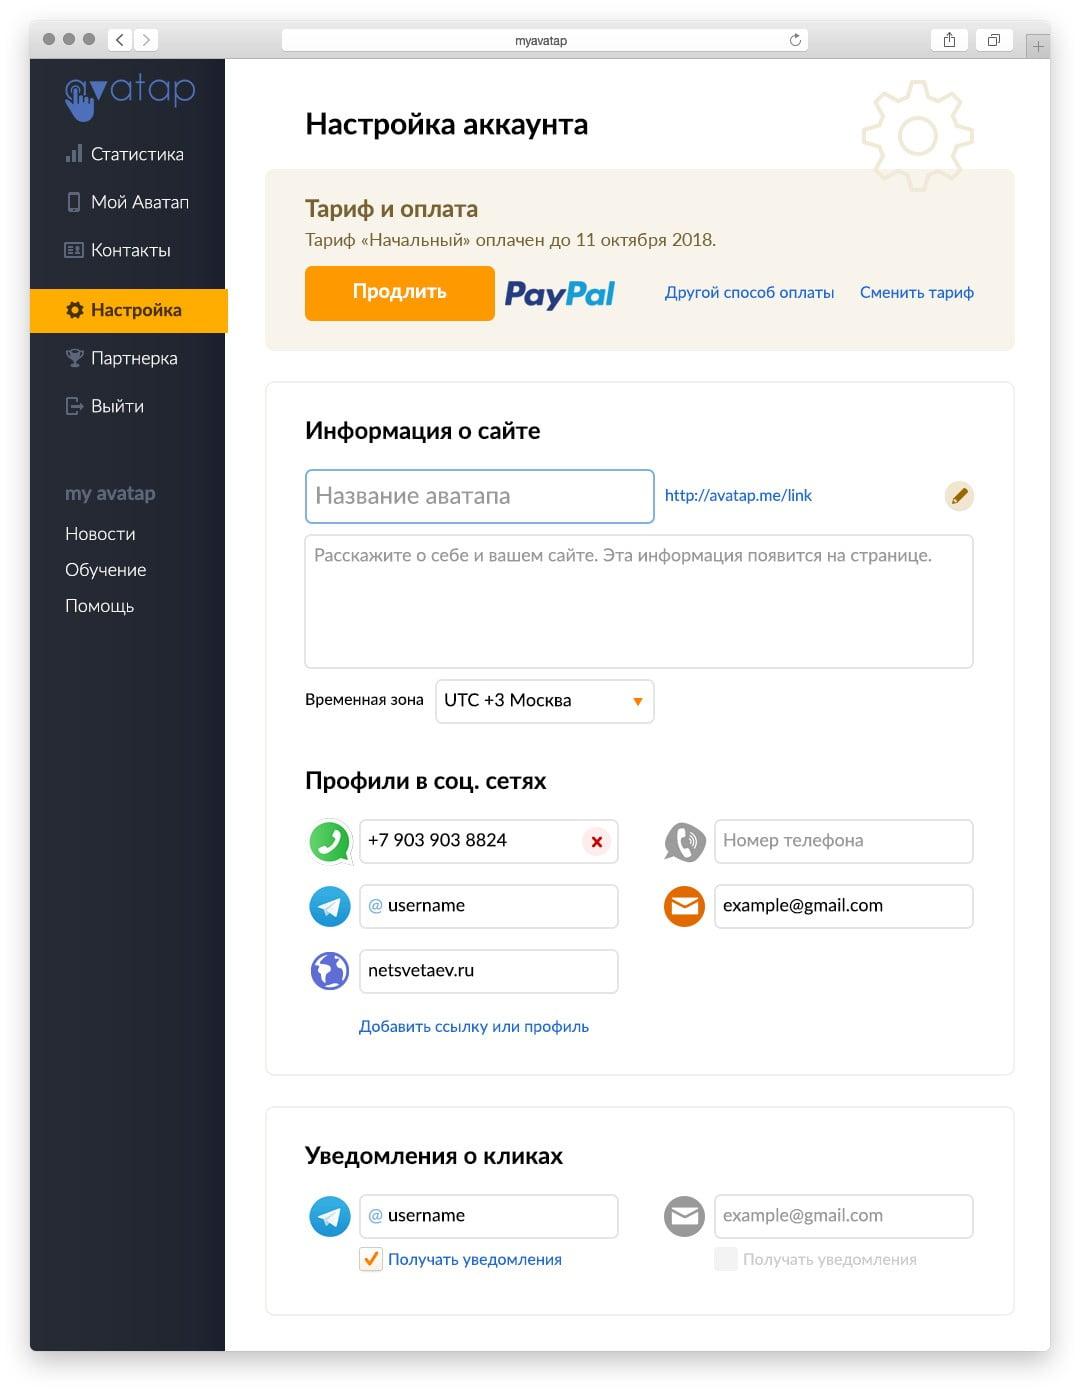 Интерфейс конструктора avatap.ru Сайт Артура Нецветаева — сайты, приложения, прототипы и оформление интерфейсов browser settings